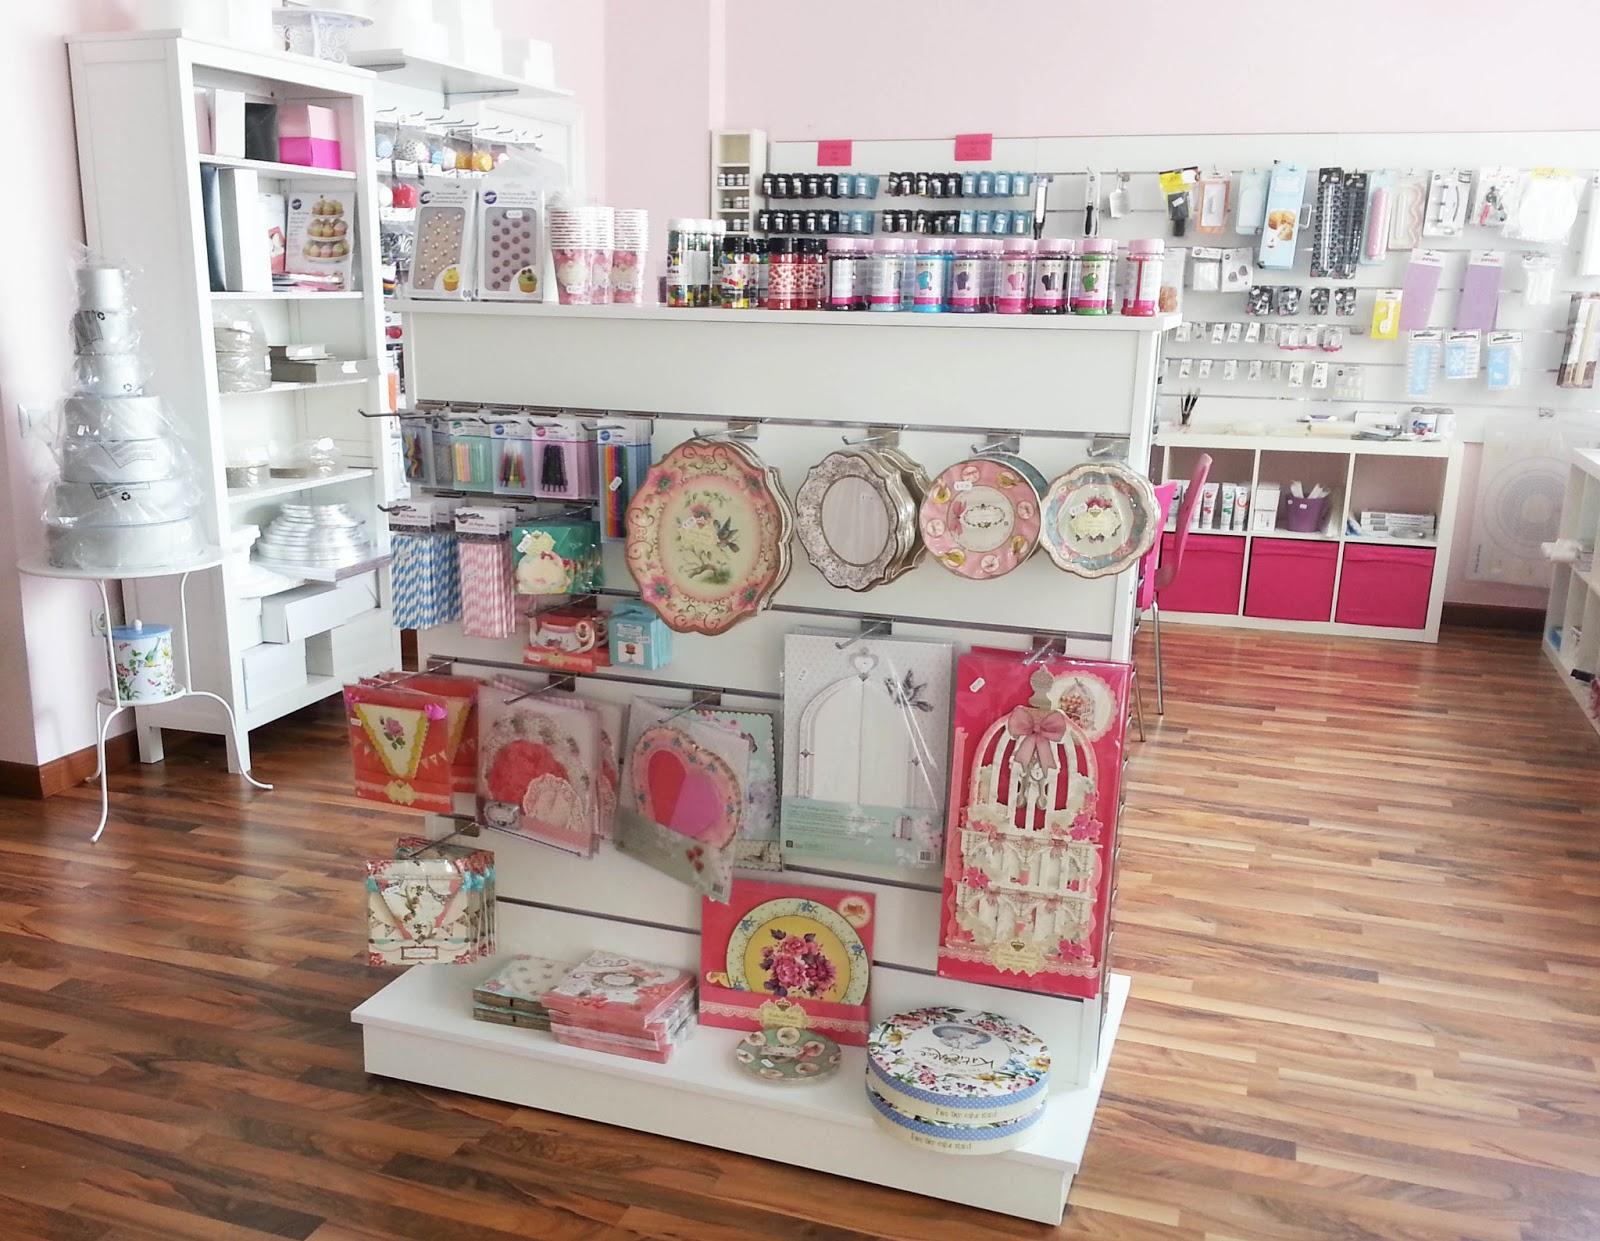 Harina y huevo nuestra tienda e 39 cakes - Decoracion de interiores vintage ...